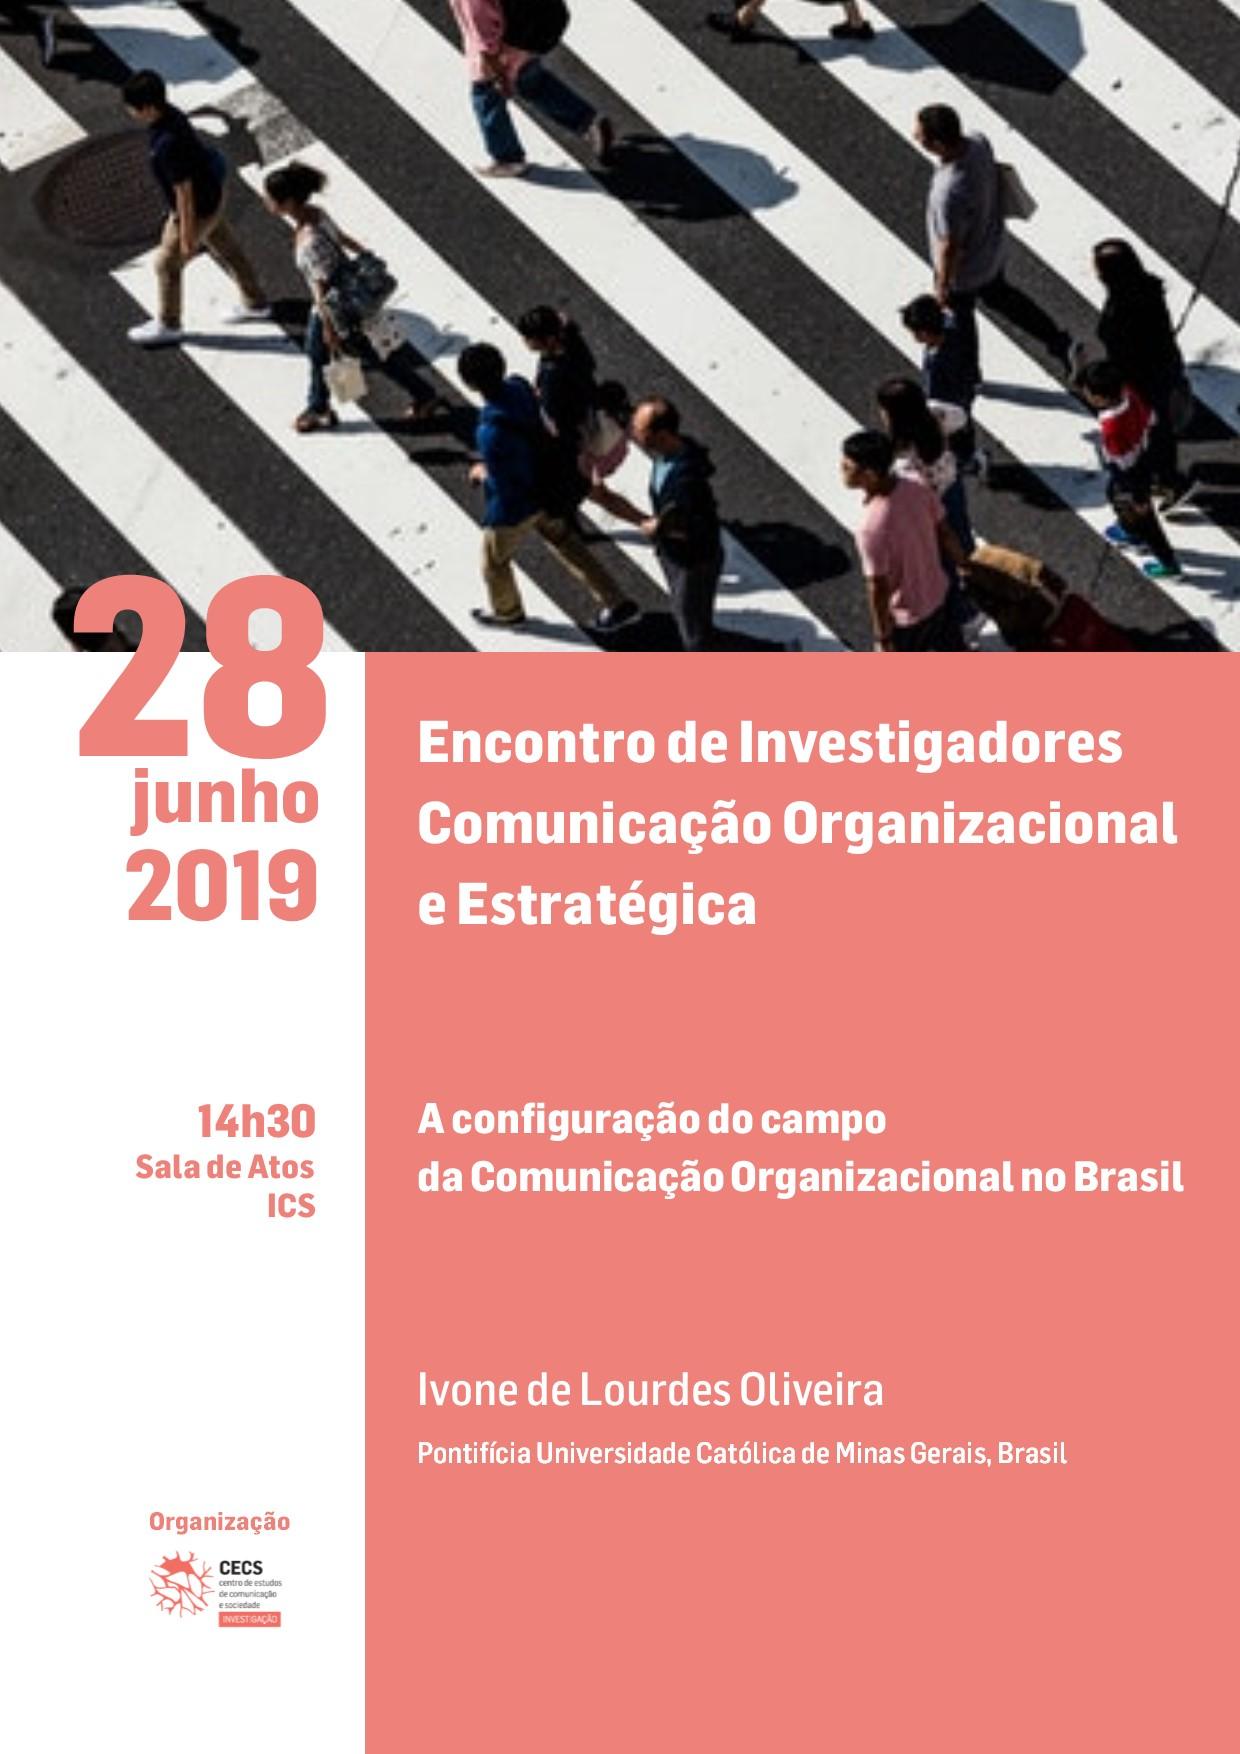 Encontro de Investigadores de Comunicação Organizacional e Estratégica